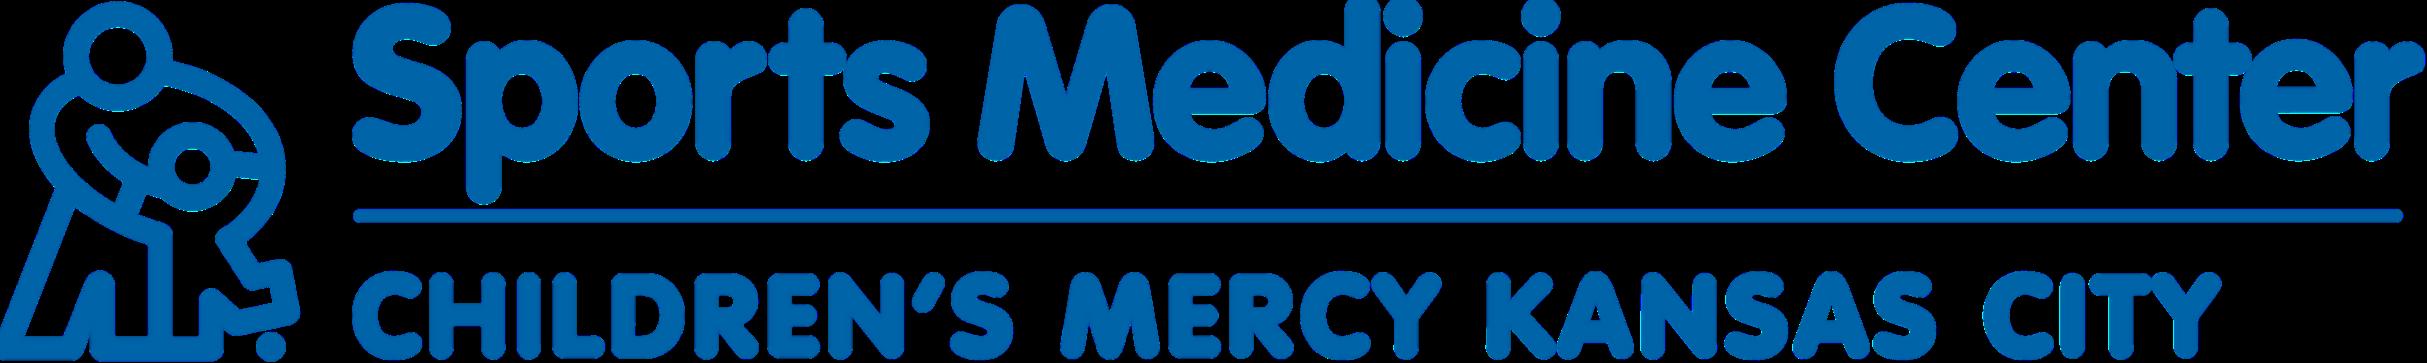 Children's Mercy Sports Medicine